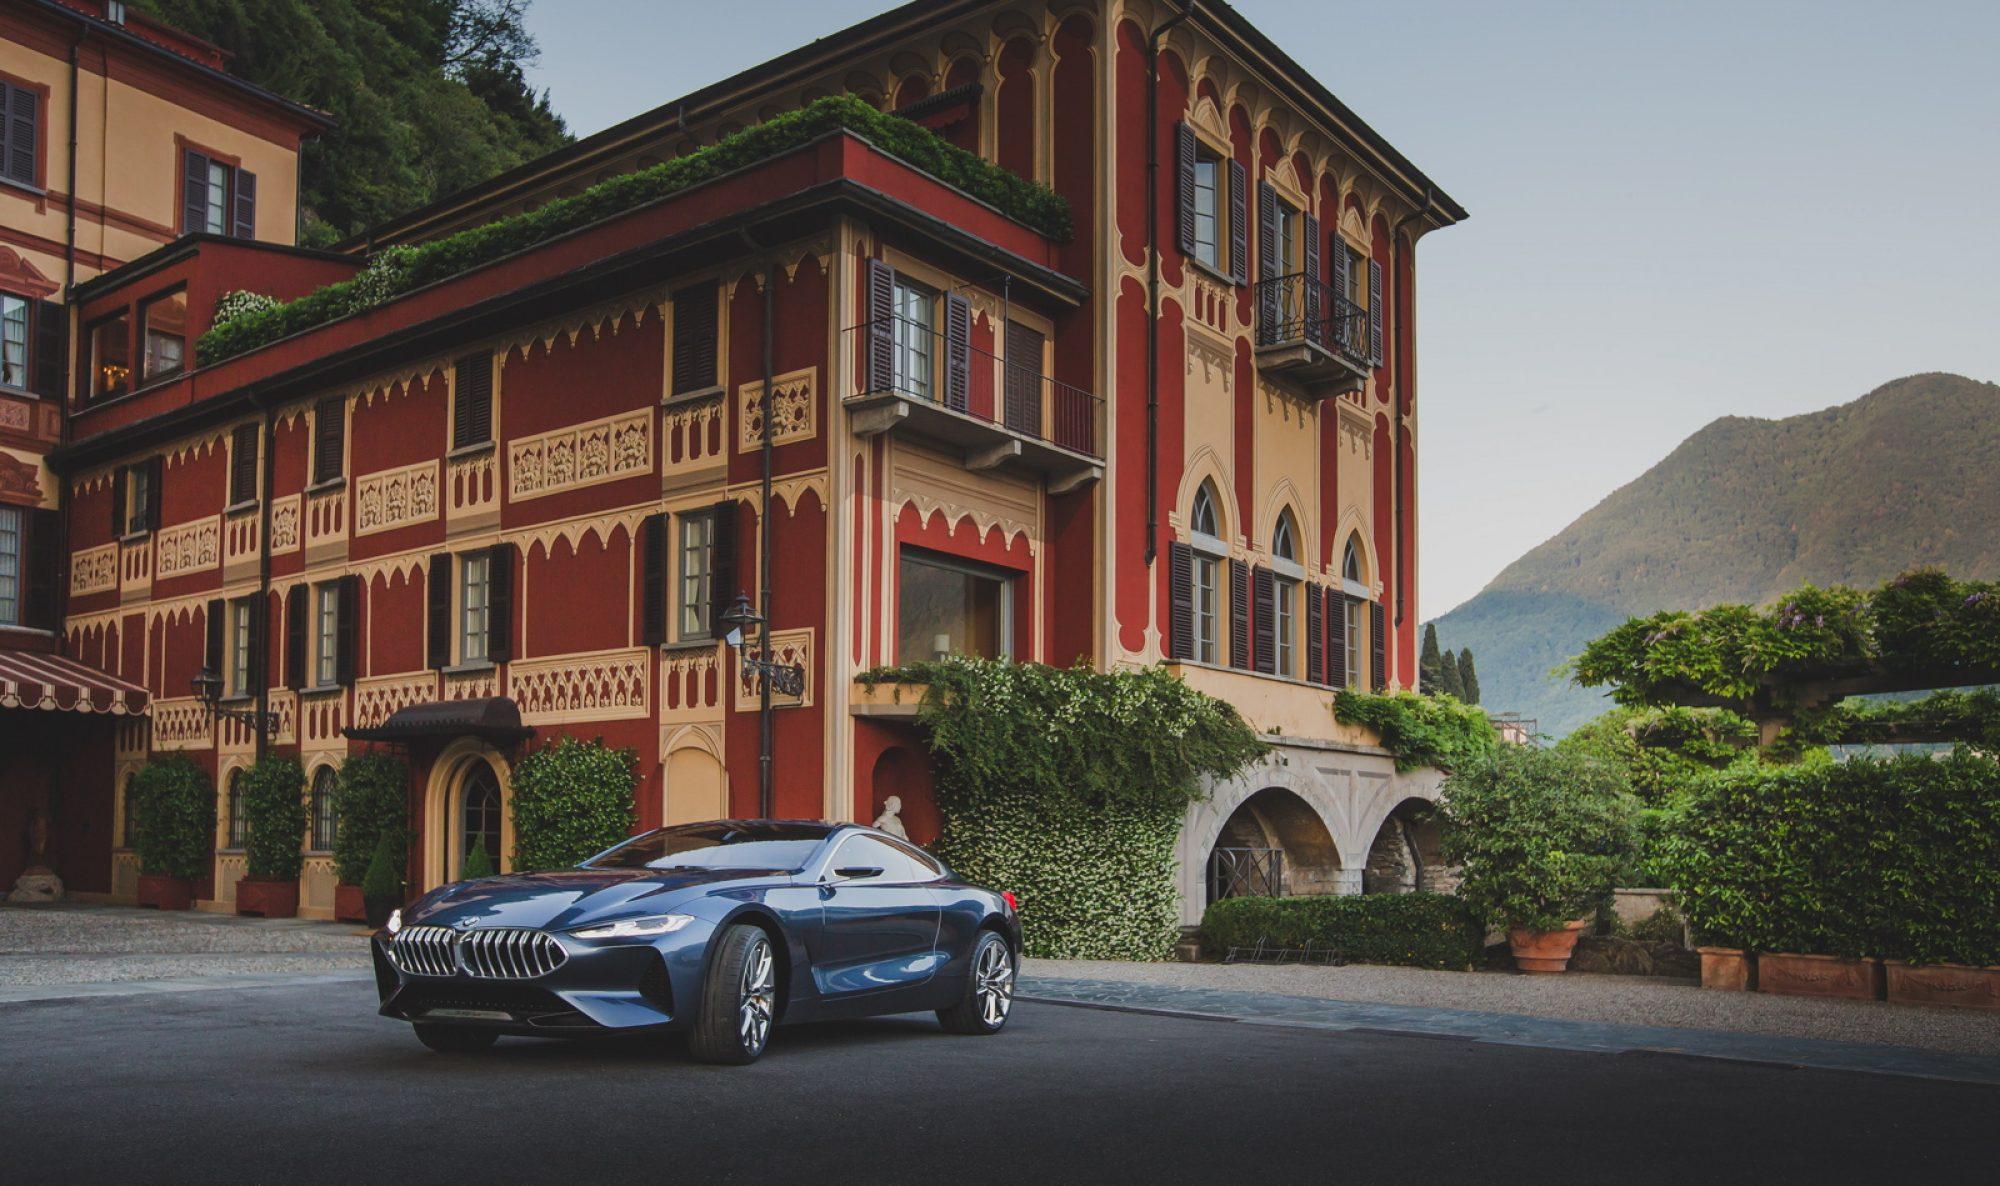 cropped-BMW-Concept-8-Series-Villa-deste-2017-02.jpg